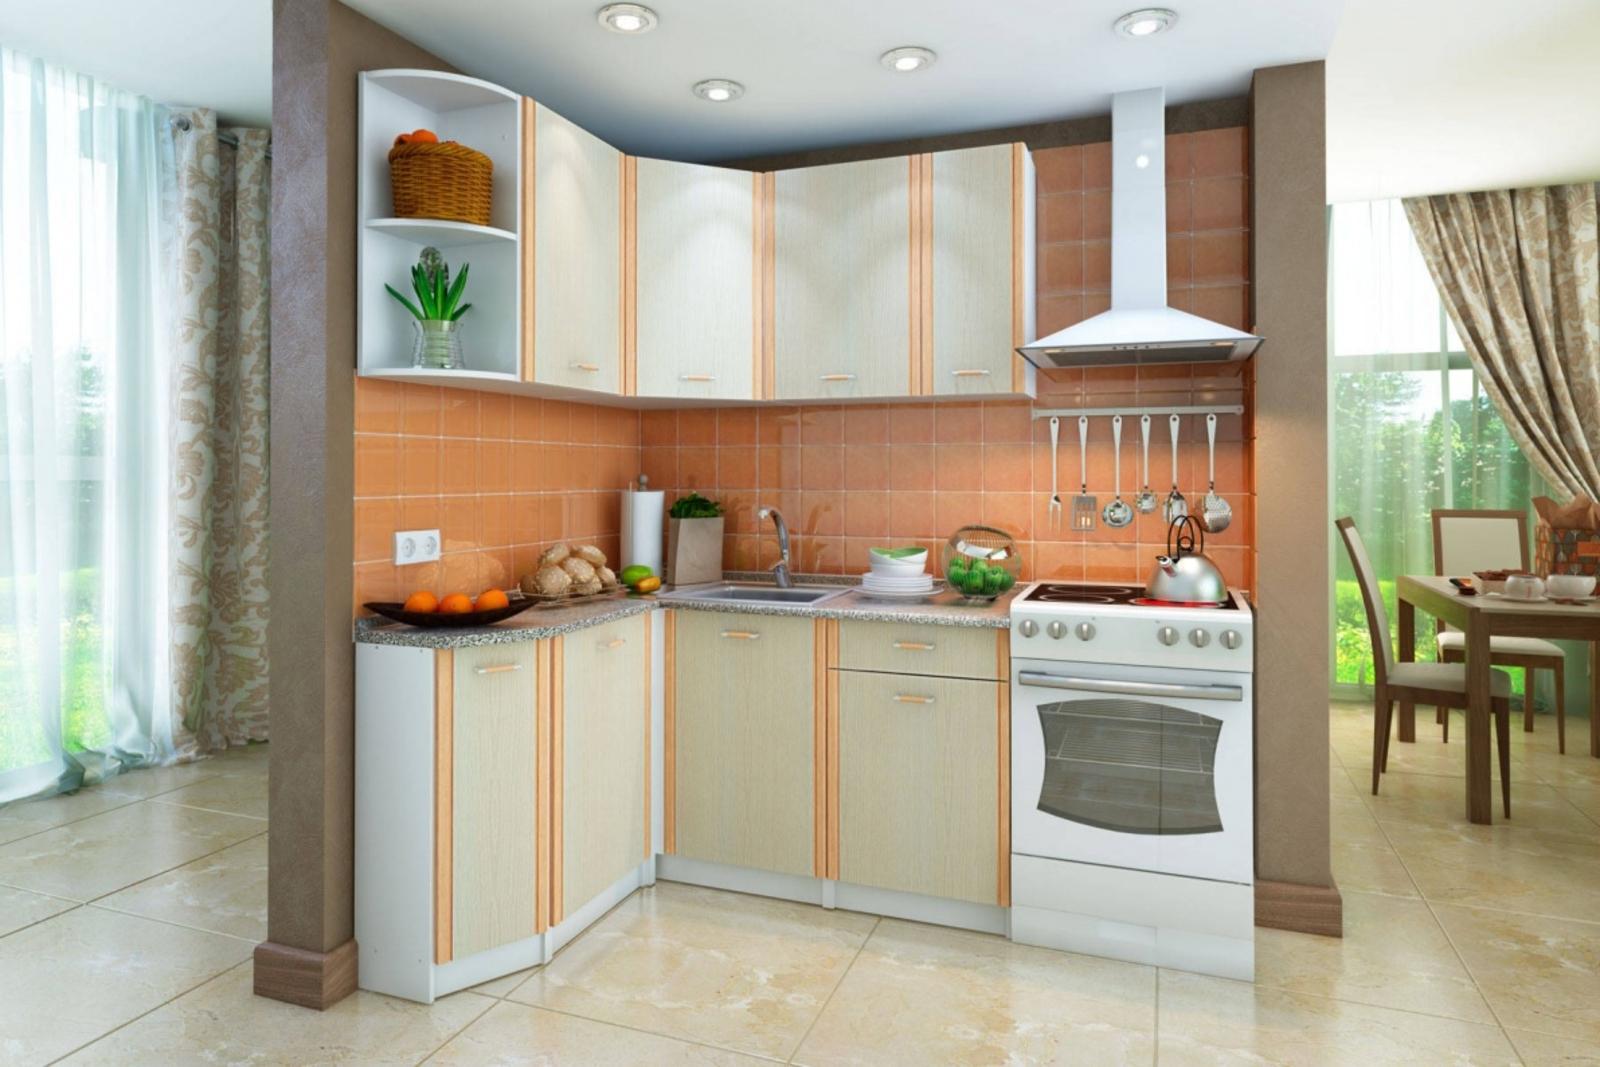 Кухонный гарнитур HomeMe Лагуна KUH0020000